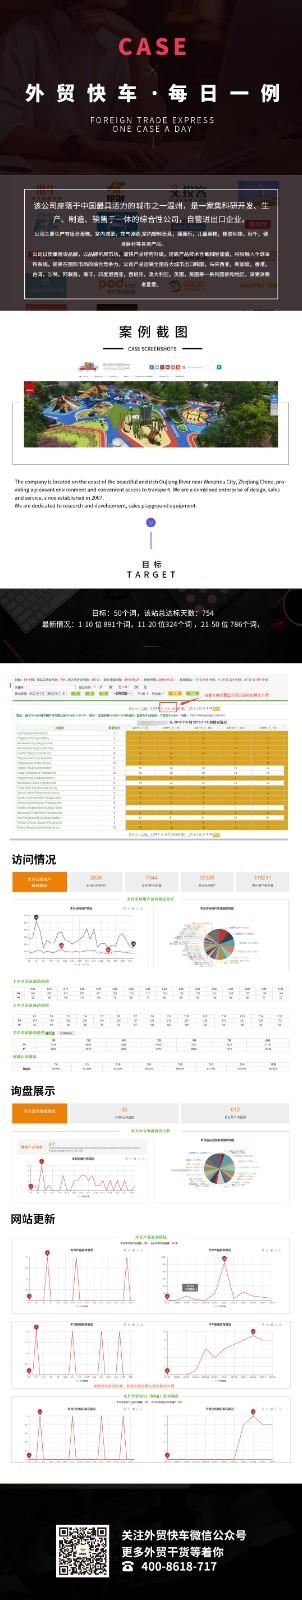 温州谷歌推广案例,温州游乐设施谷歌优化案例